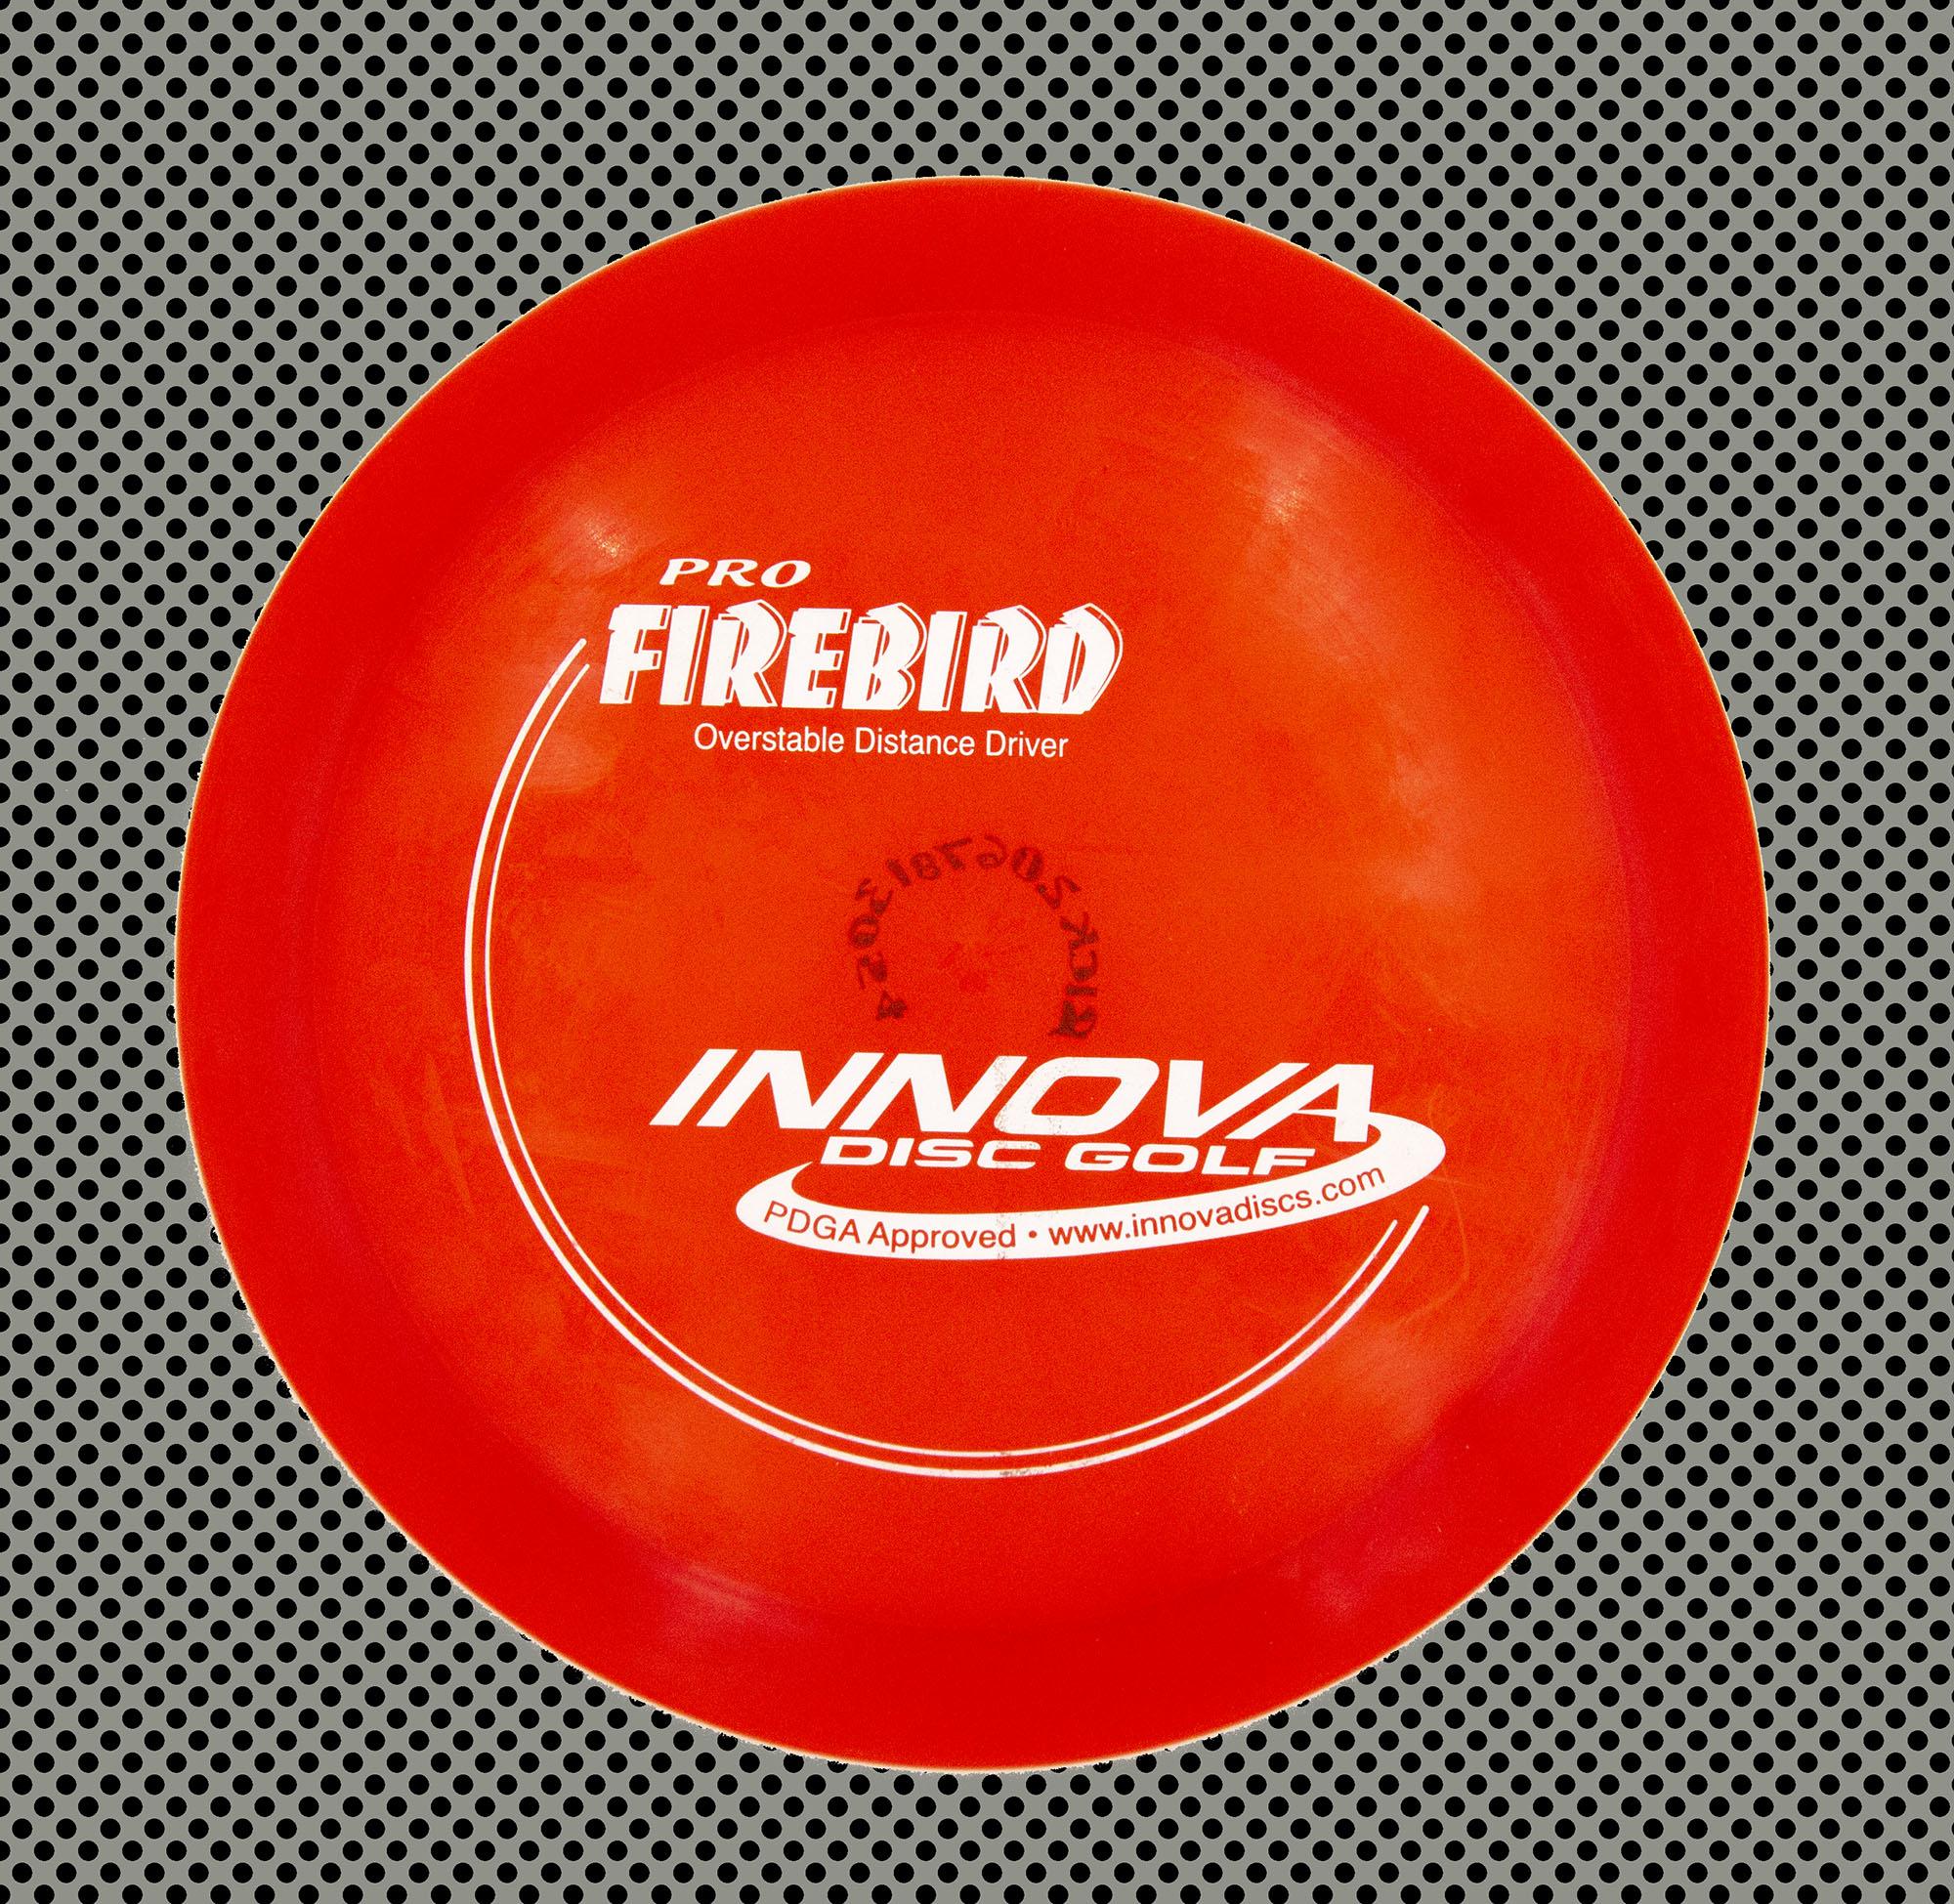 Firebird_7504-V2.jpg